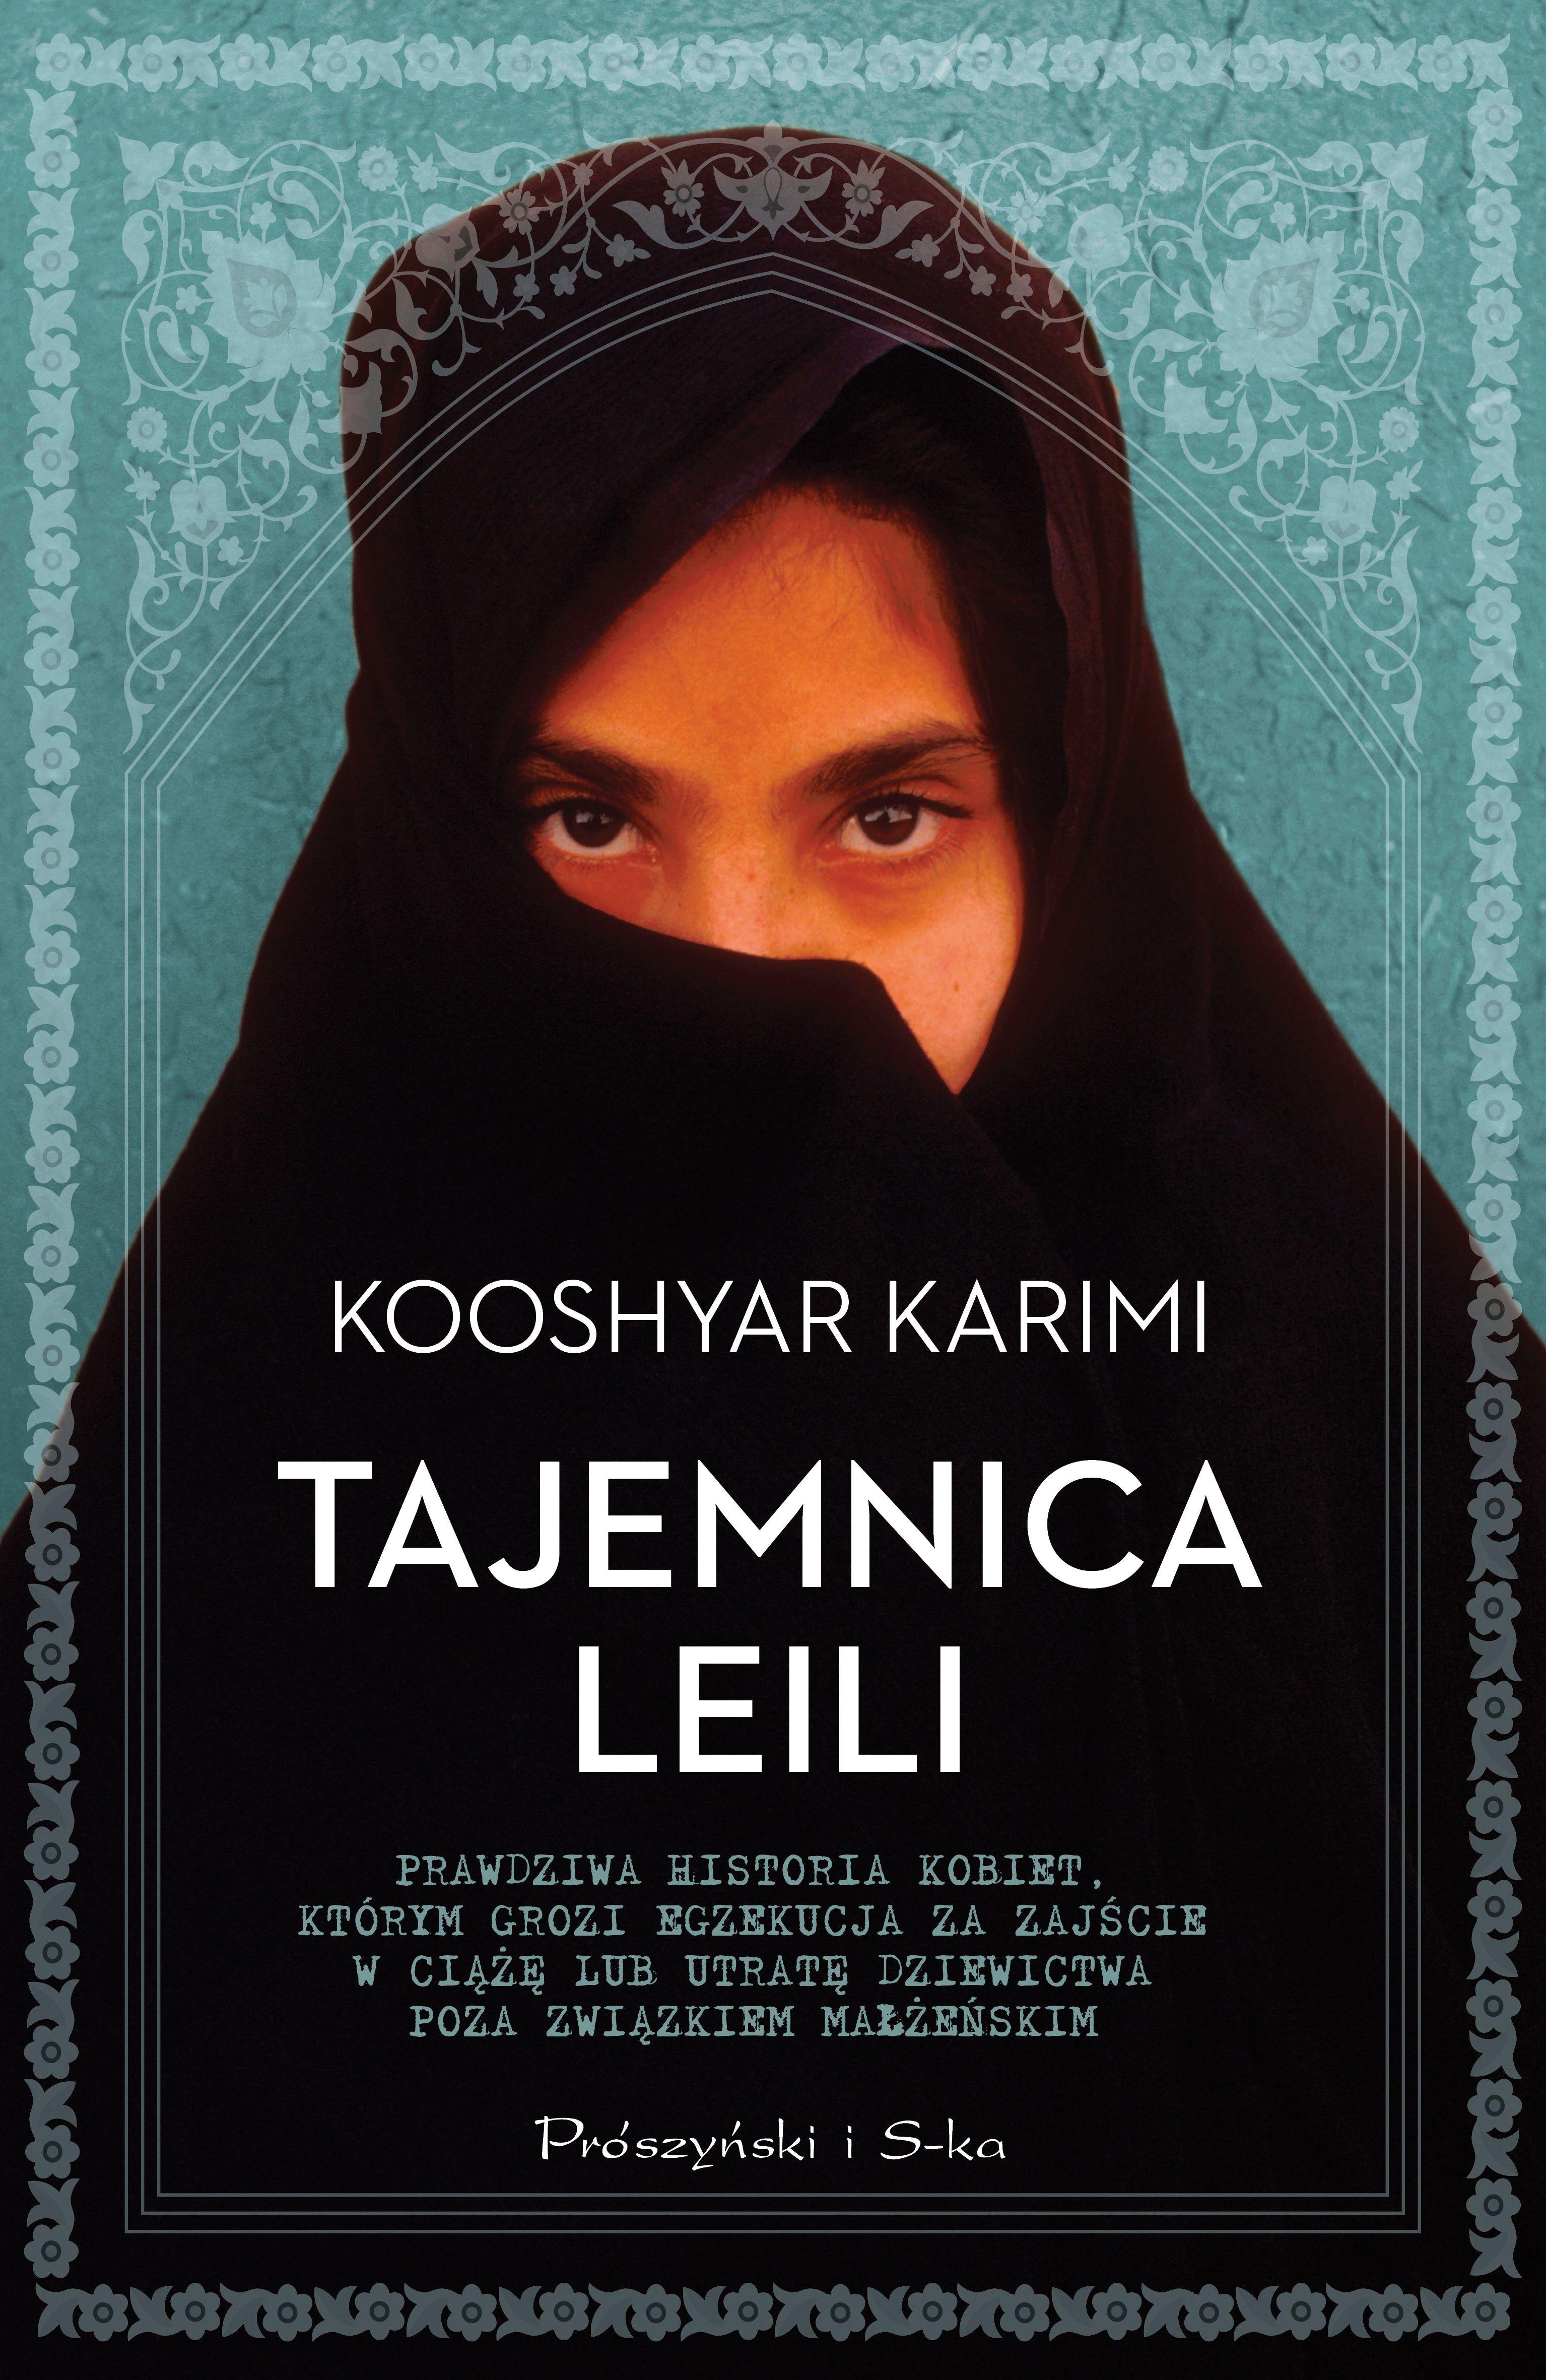 """Artykuł powstał między innymi w oparciu o książkę Kooshyara Karimiego """"Tajemnica Leili"""", która ukazała się właśnie nakładem wydawnictwa Prószyński i S-ka."""